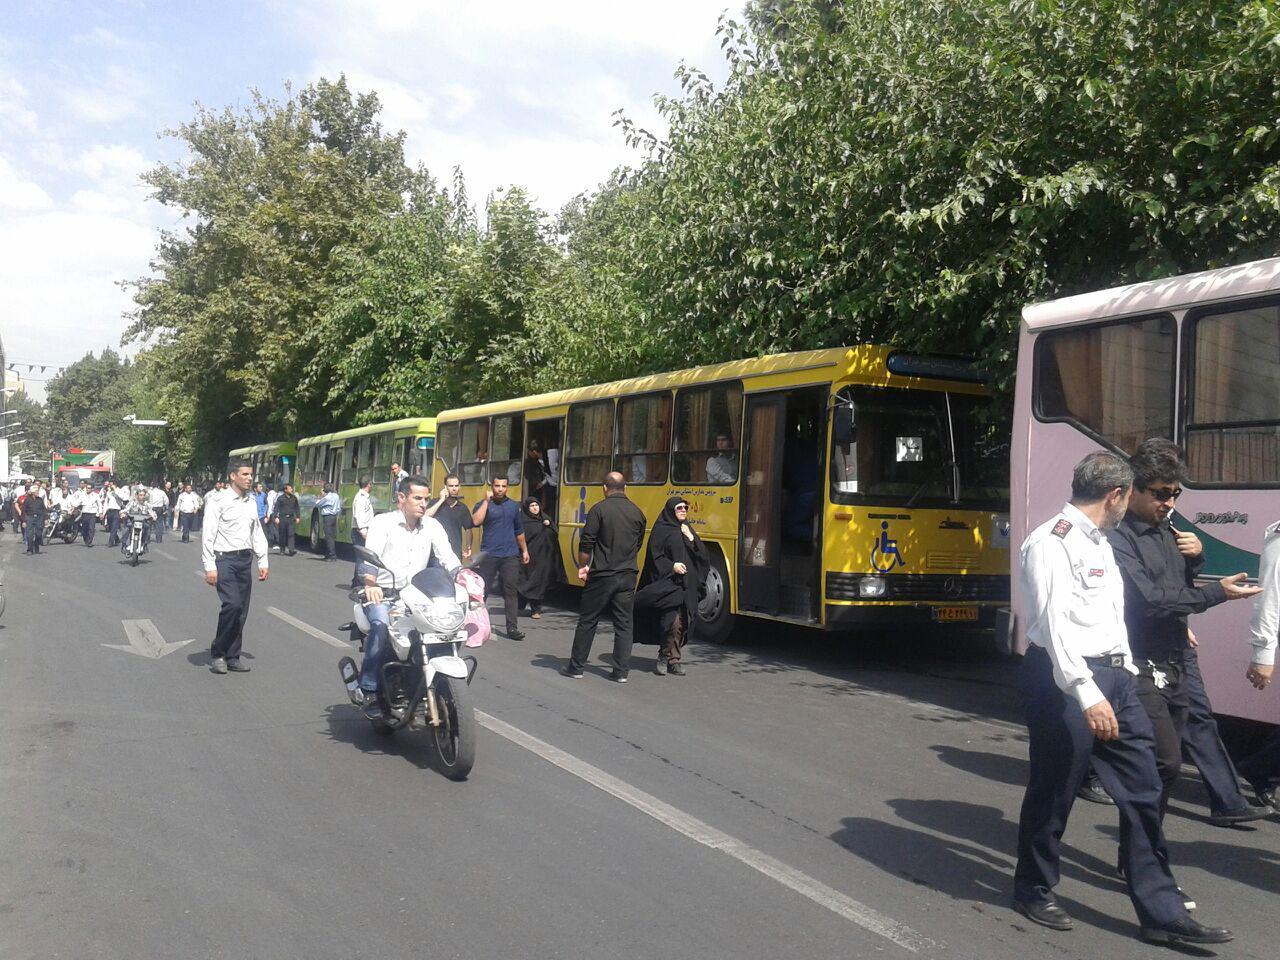 نتقال شرکت کنندگان این مراسم به بهشت زهرا در خیابان بهشت